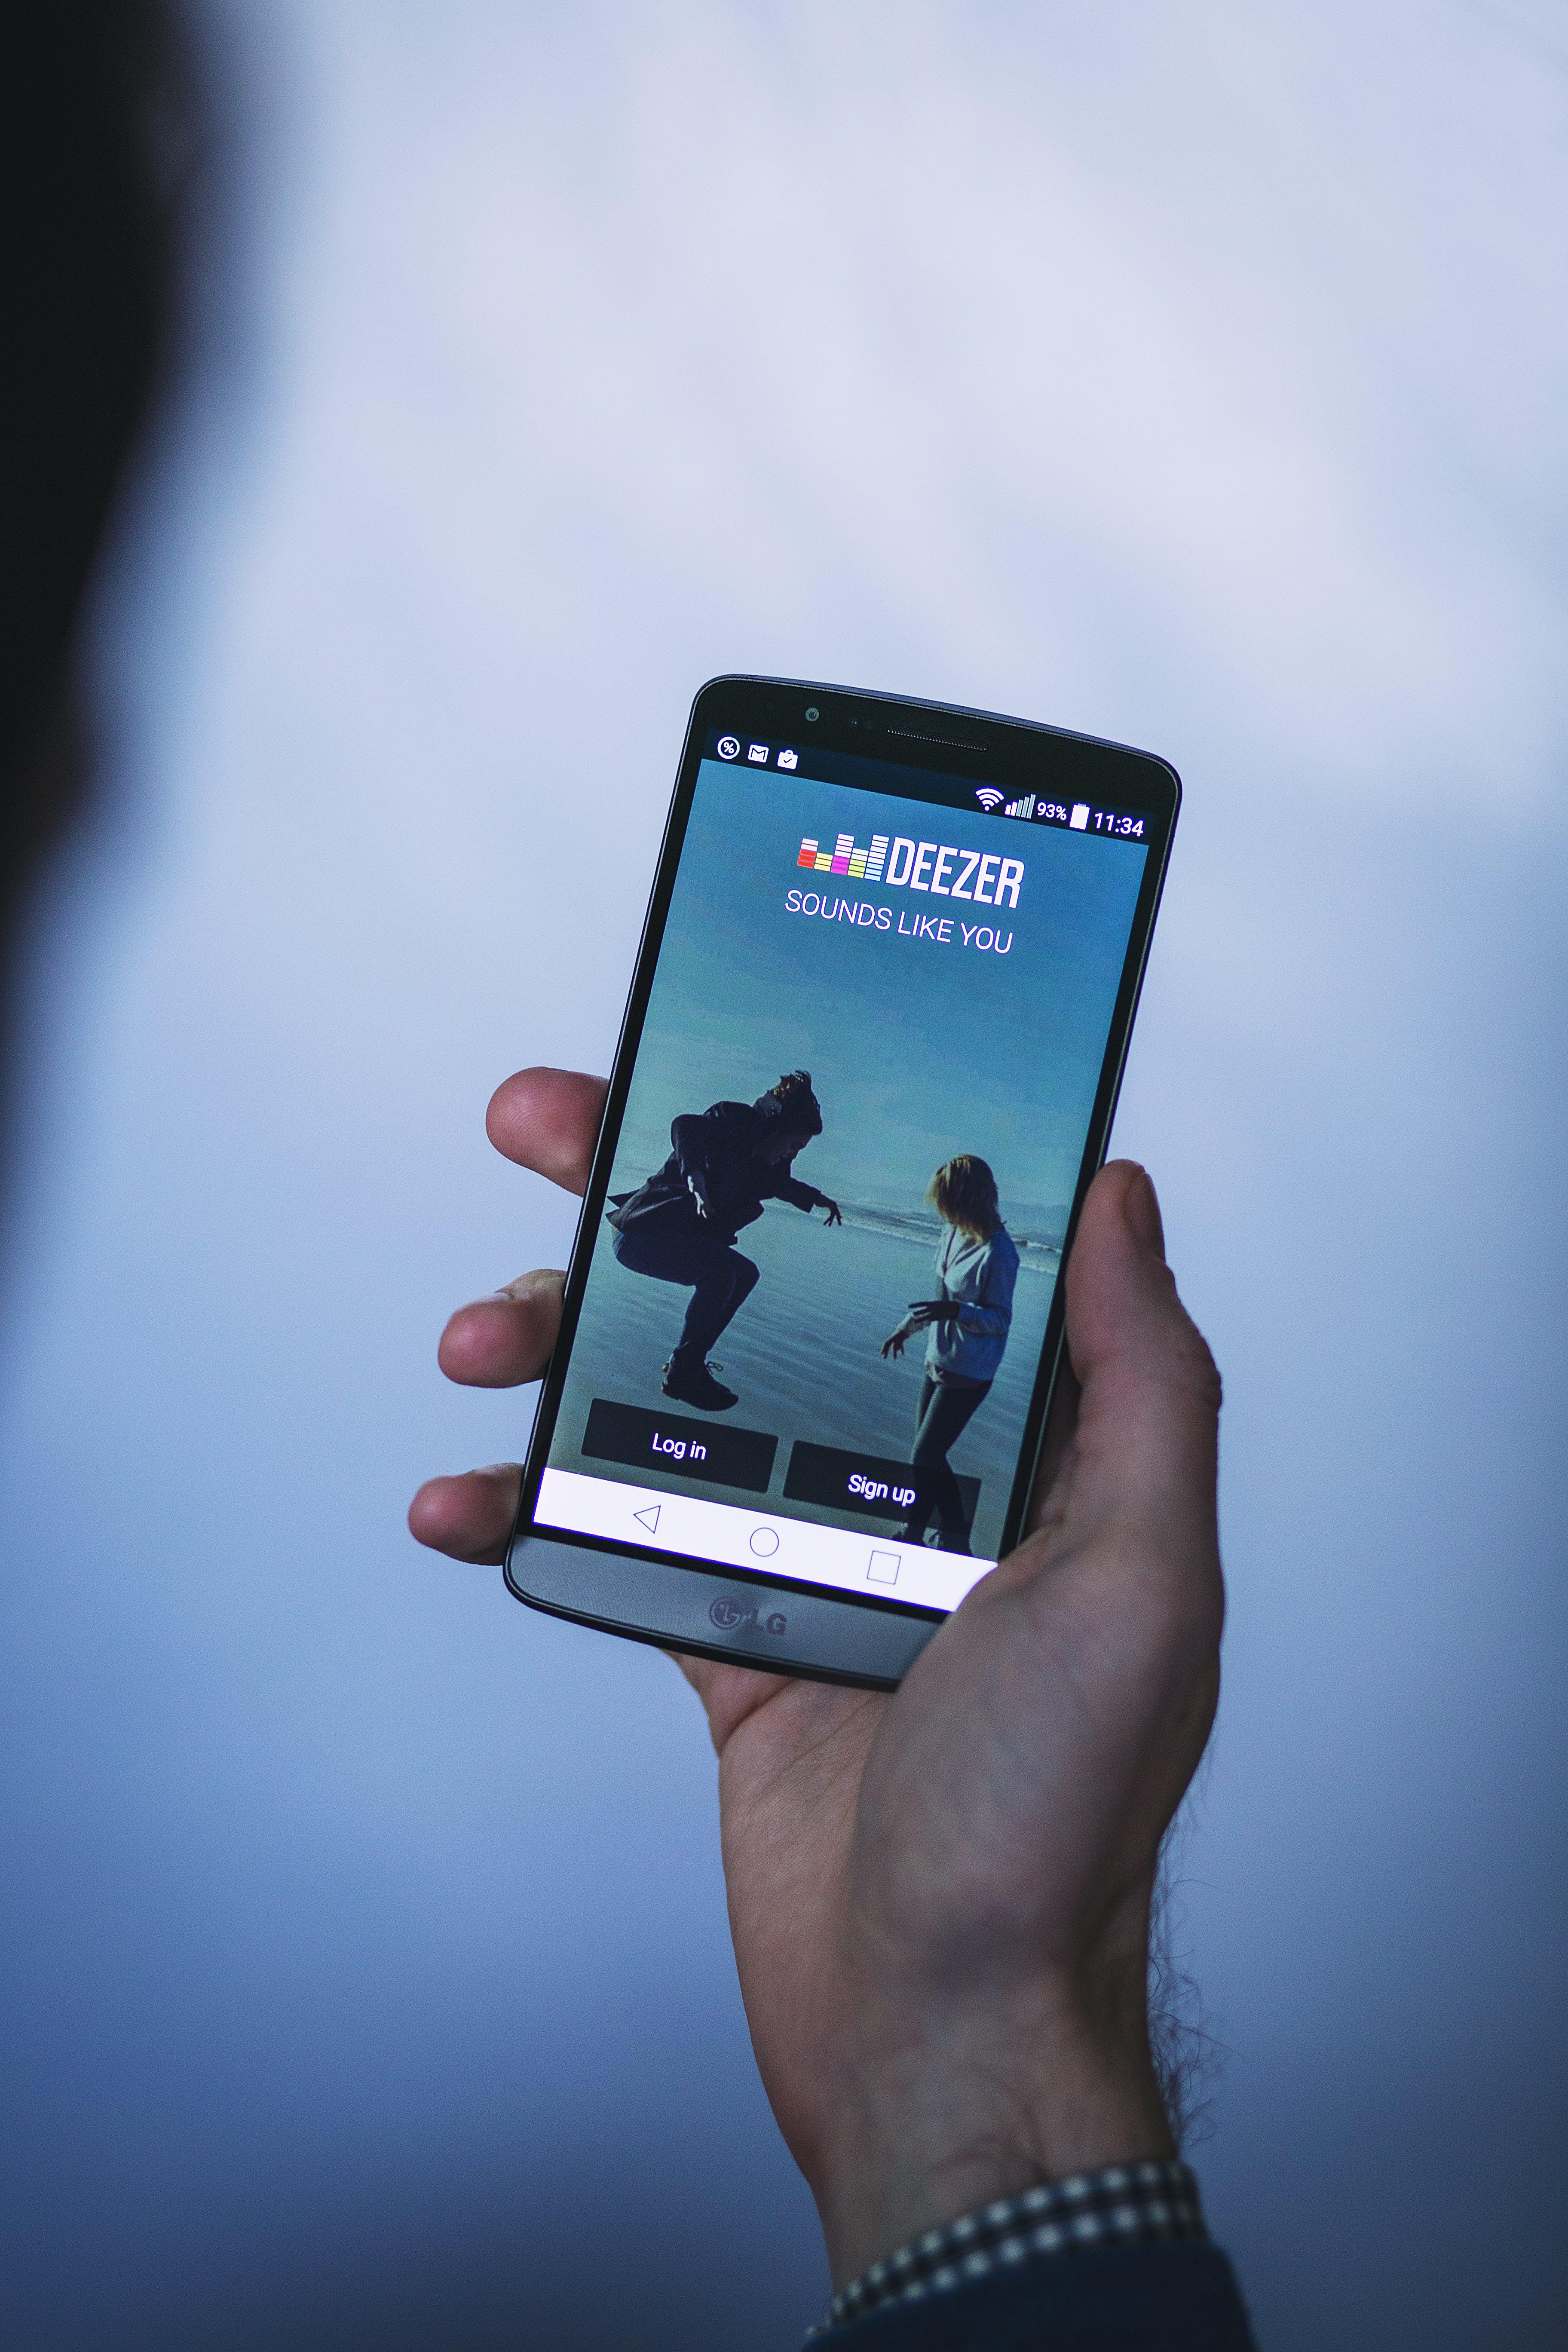 app, Deezer, hand